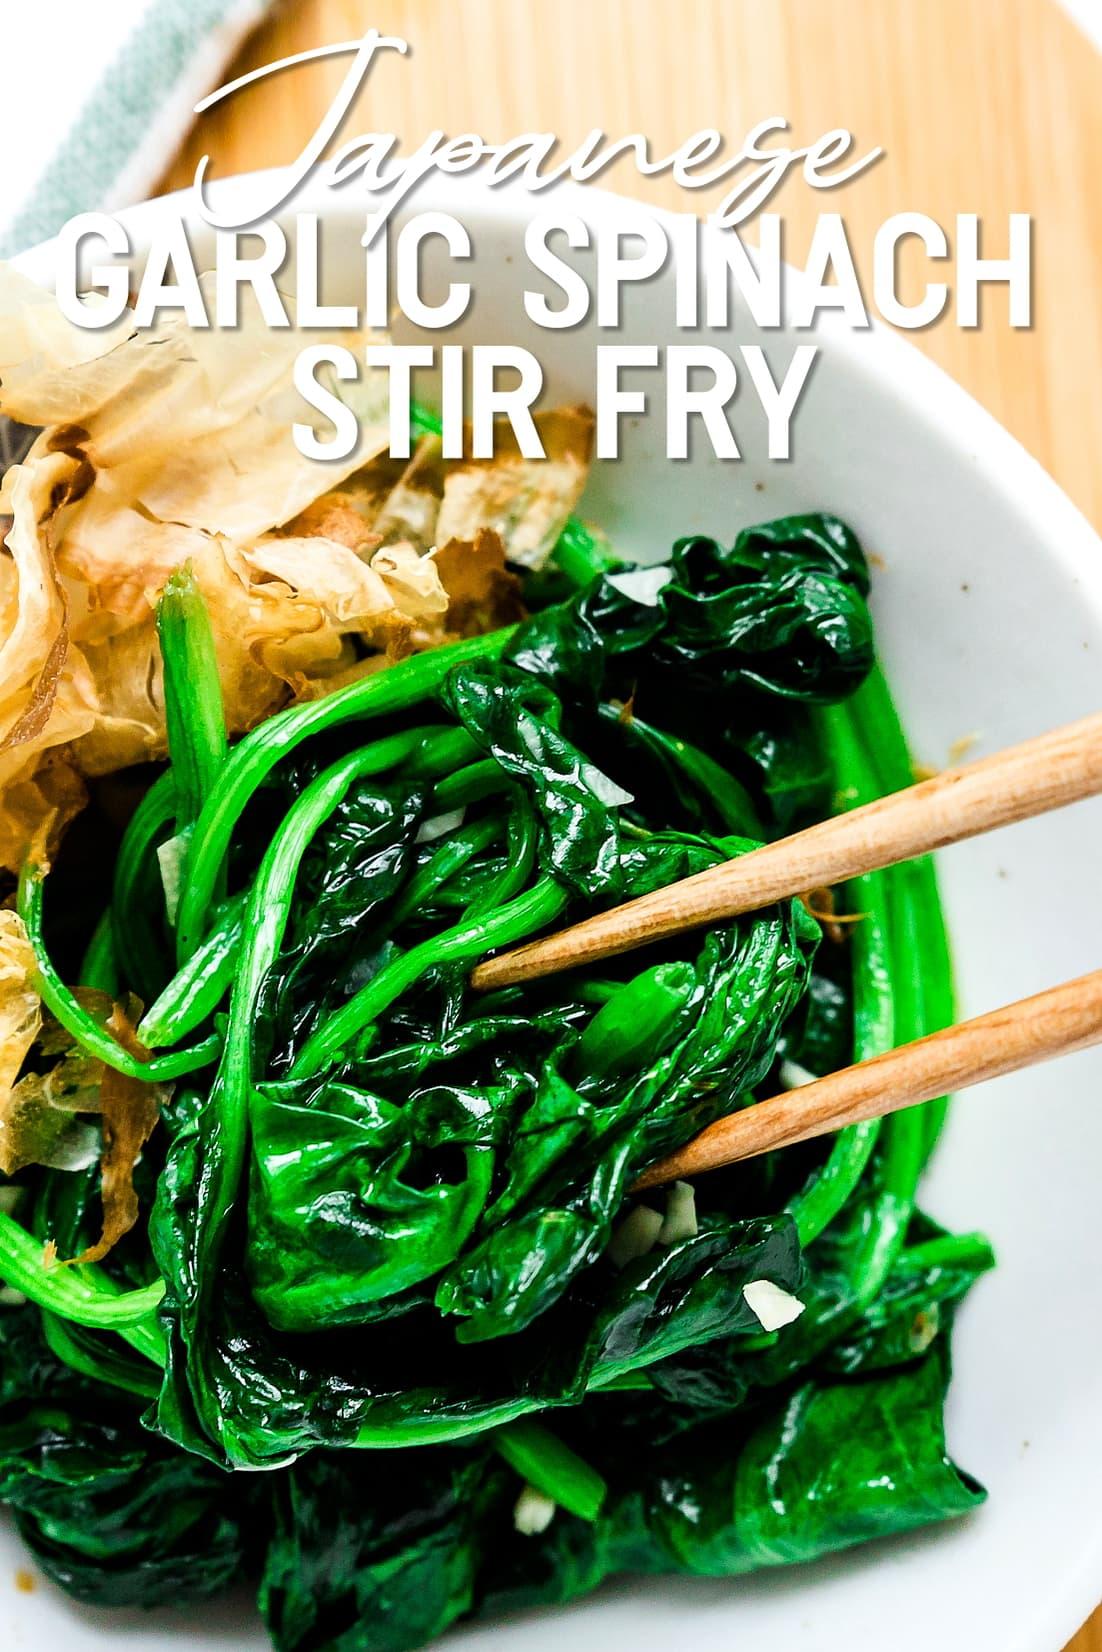 Garlic Spinach Stir with chopsticks